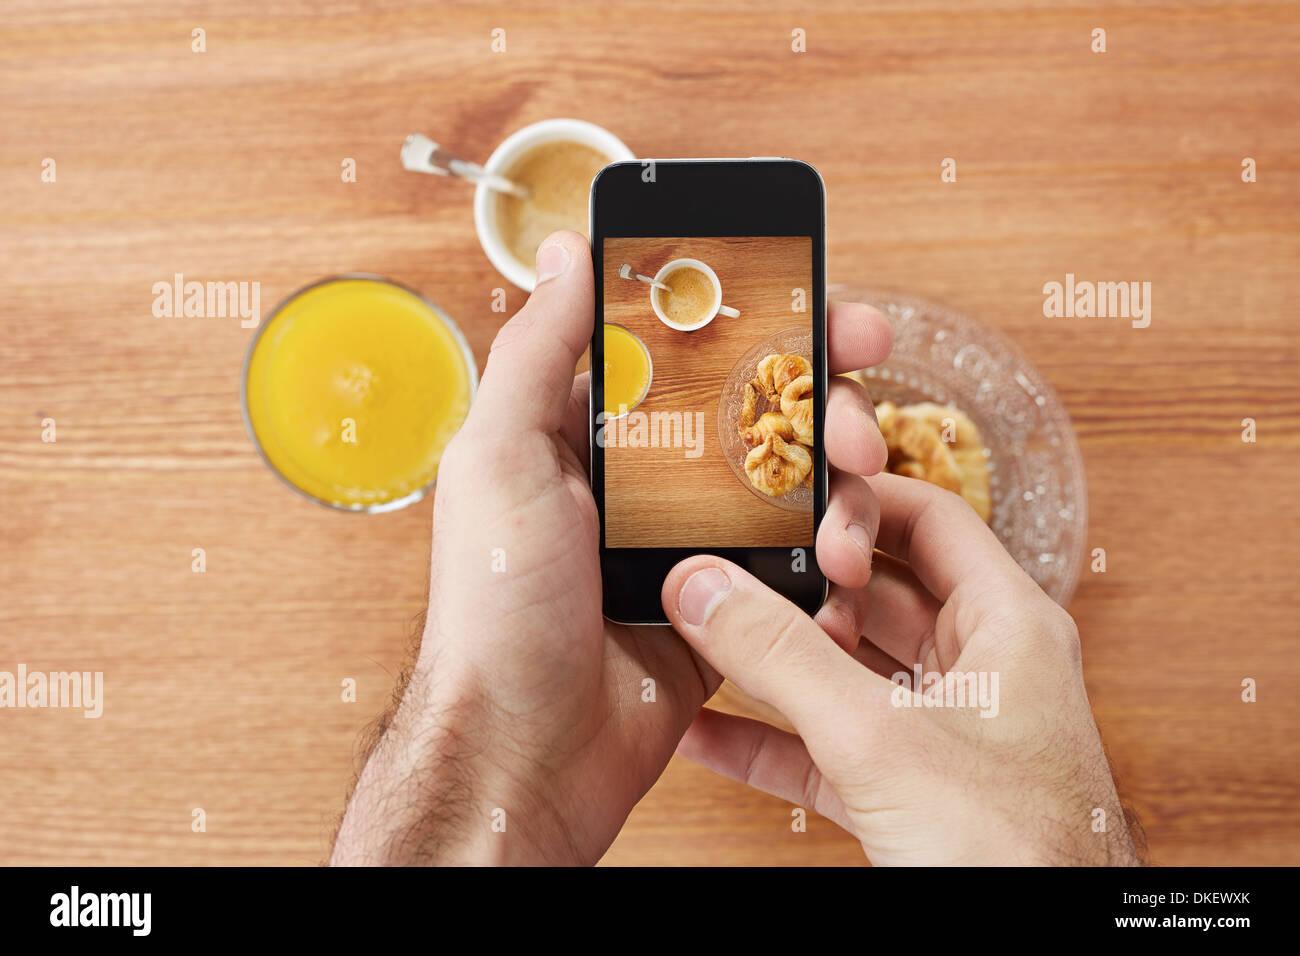 Manos tomando fotos de desayuno que incluye croissants, café y zumo de naranja con el smartphone Foto de stock